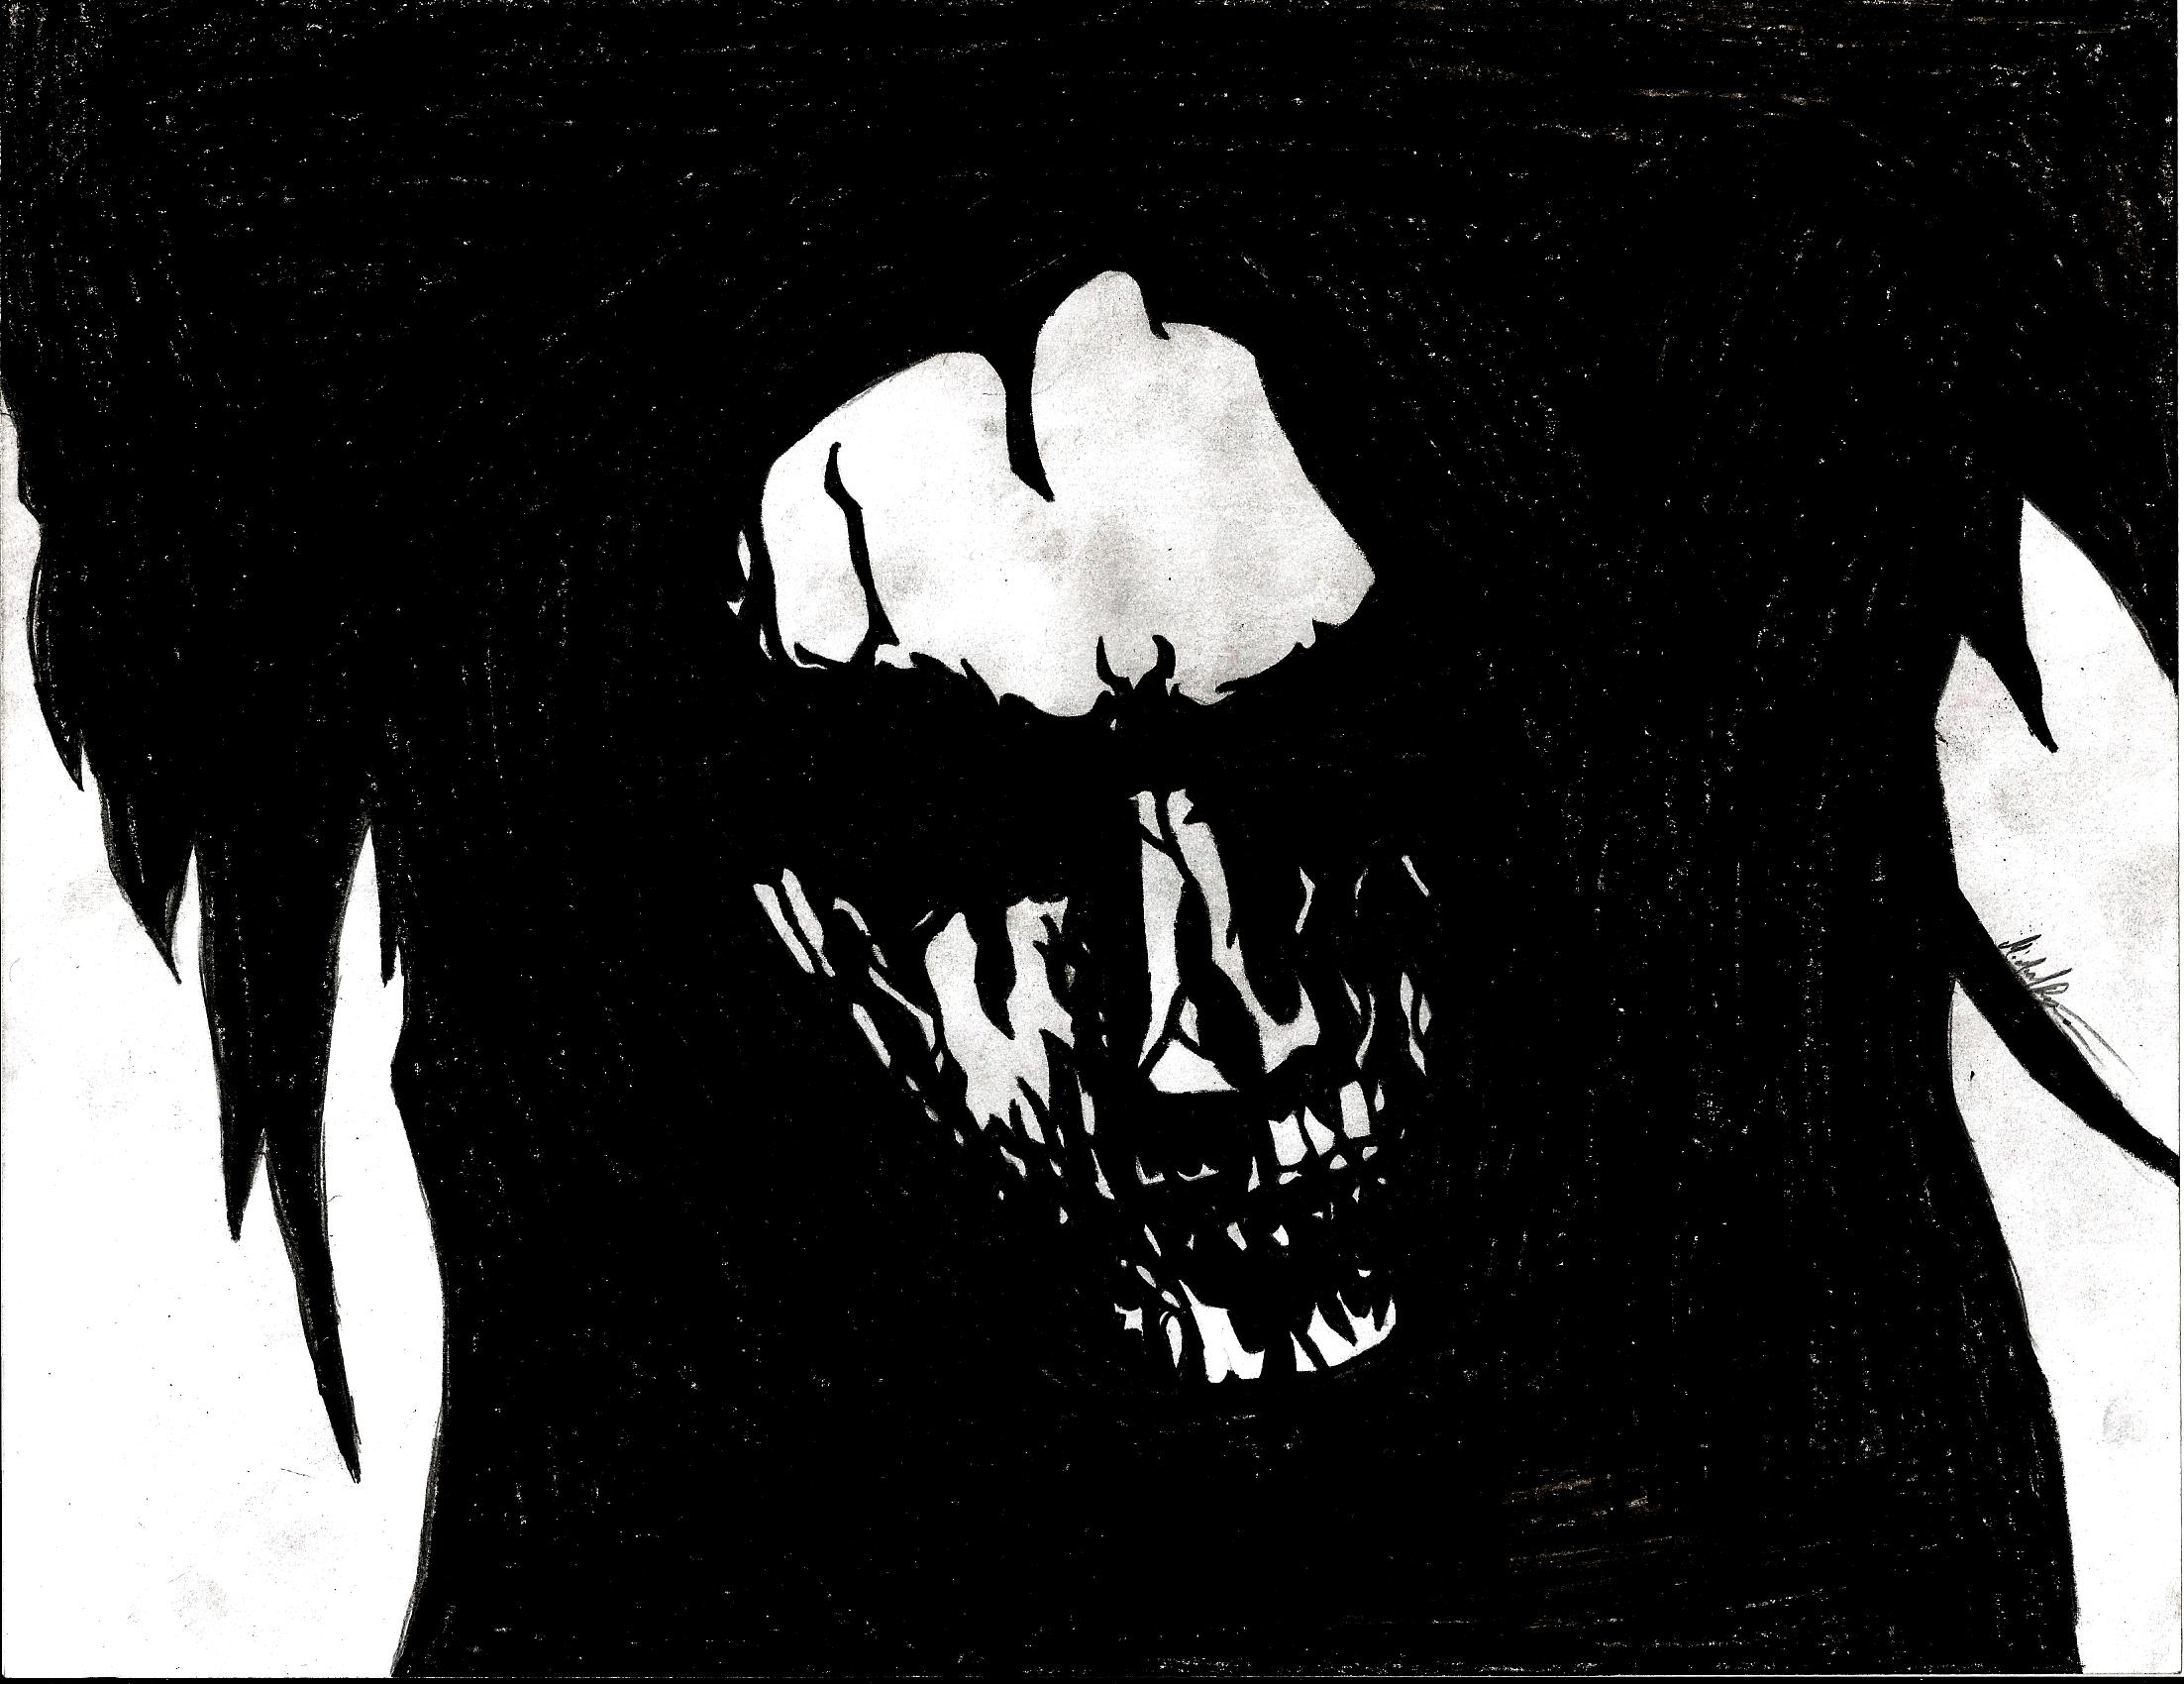 Death's Stare